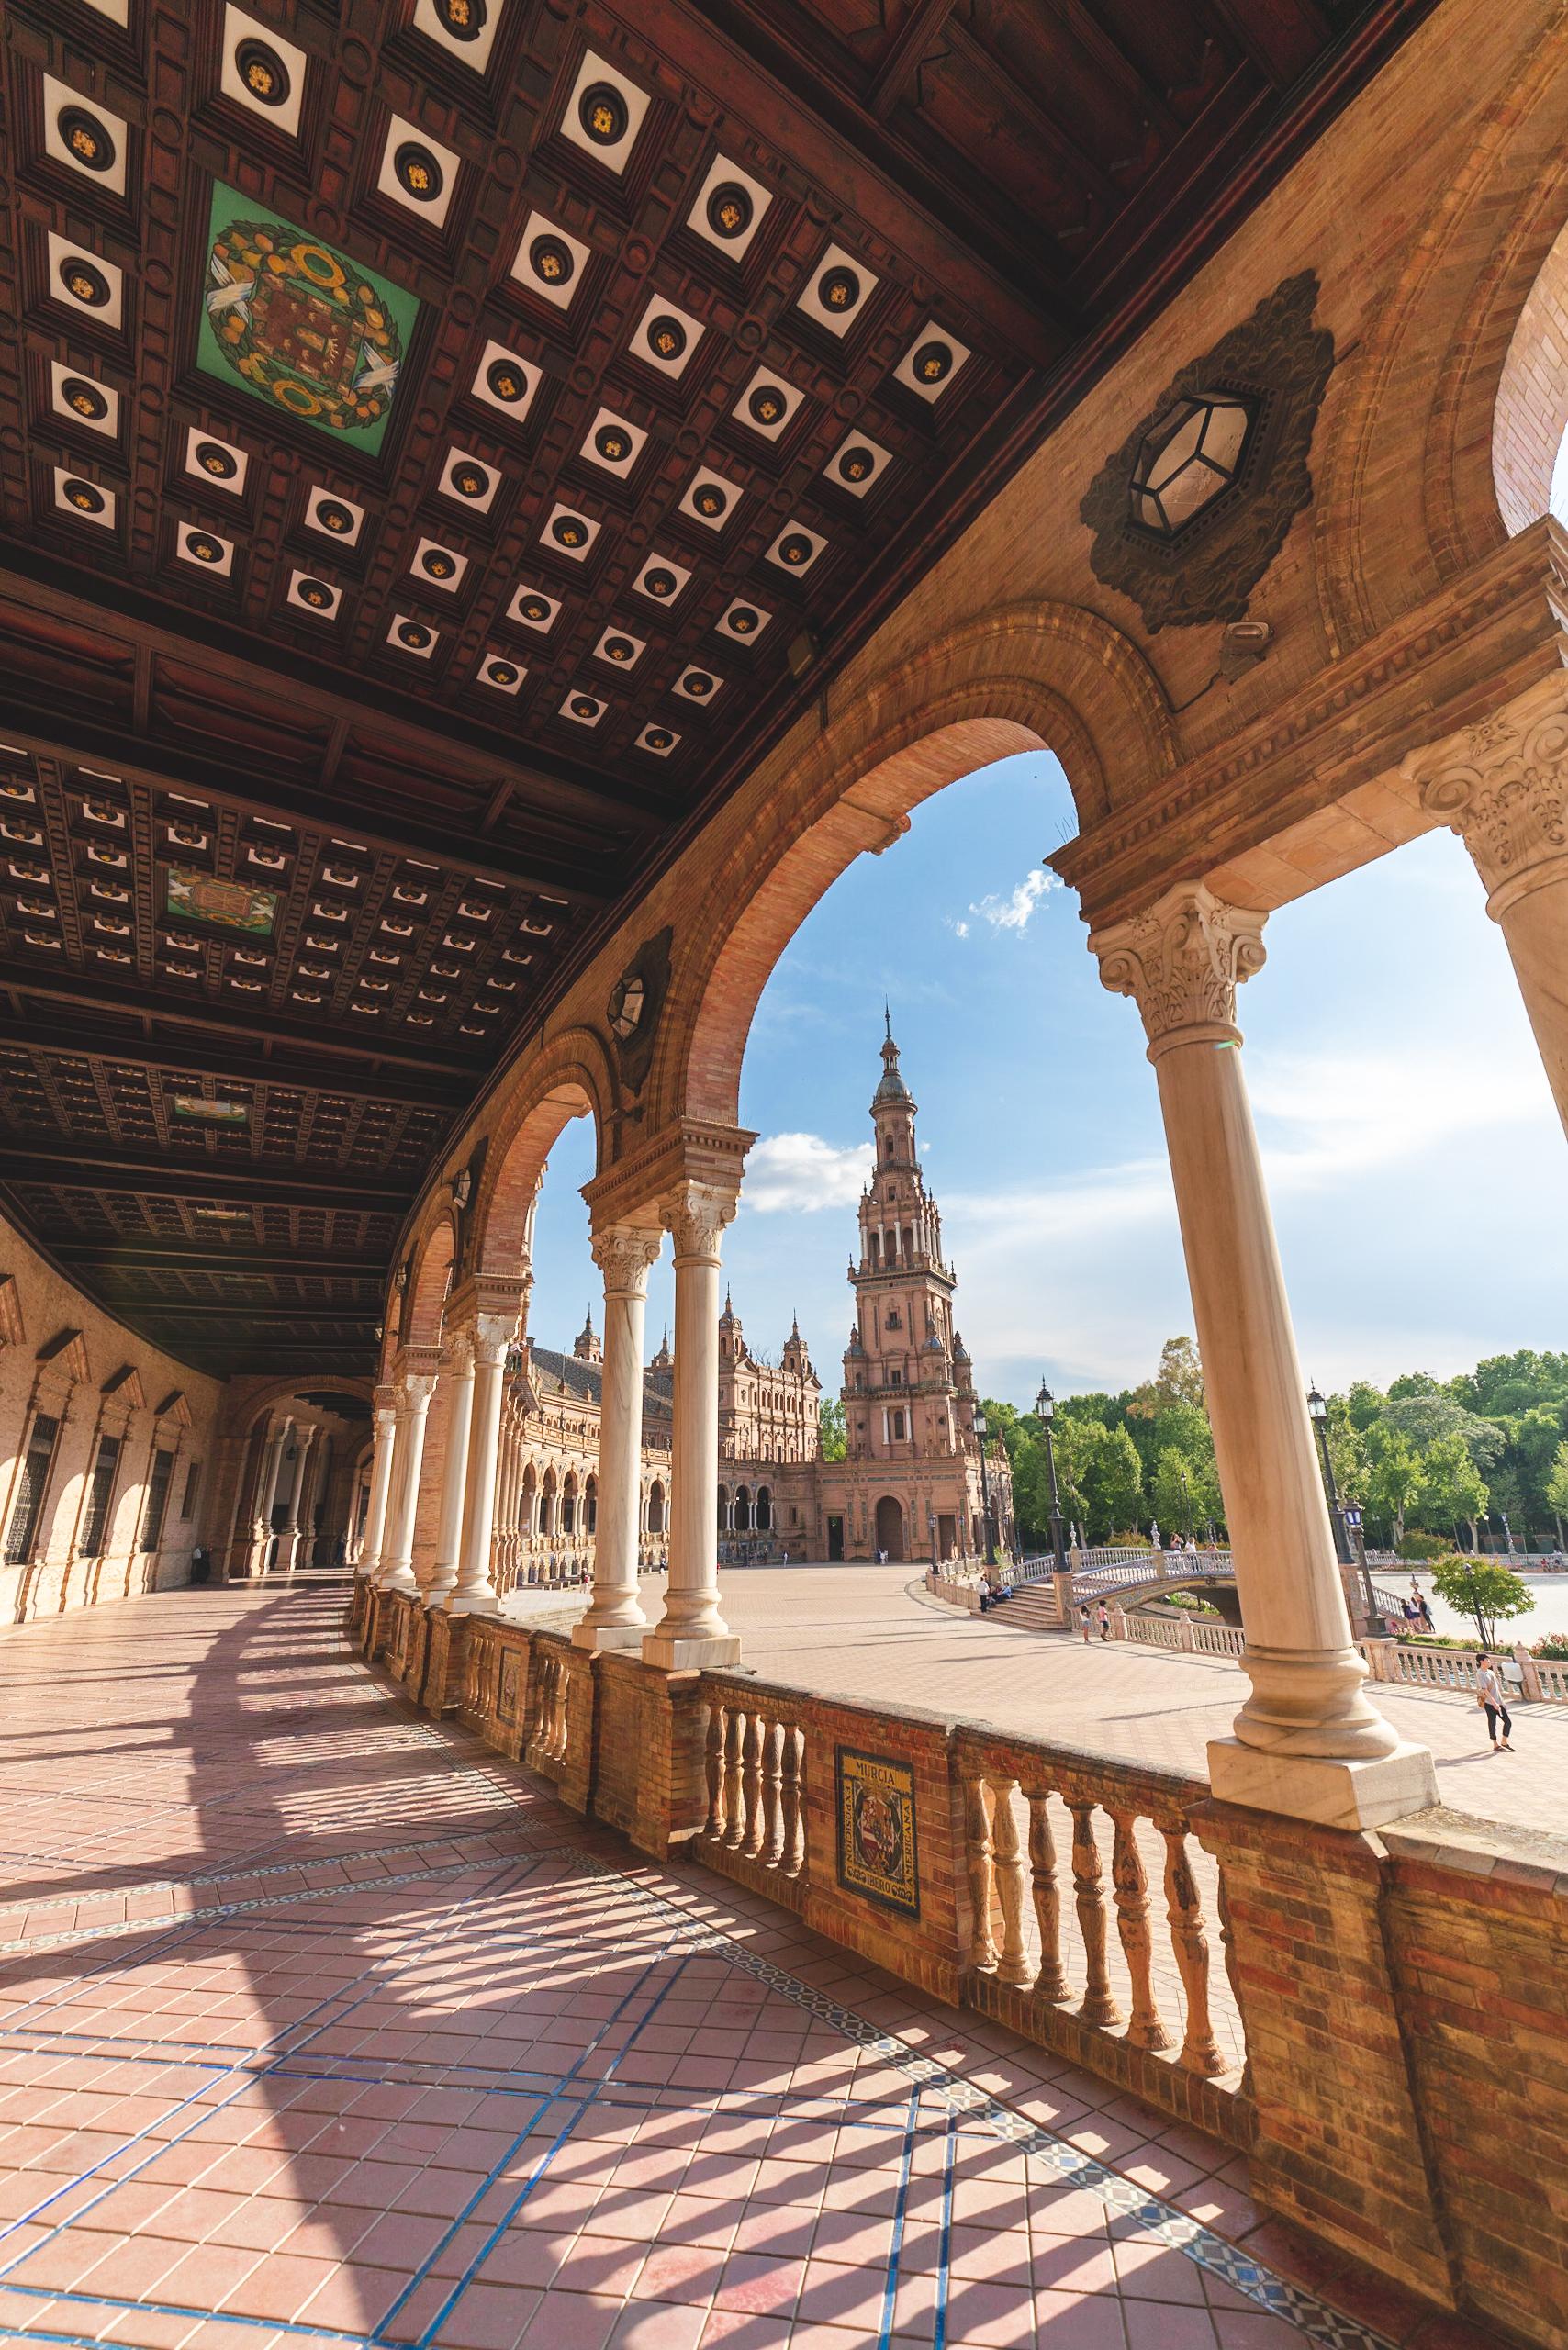 The Plaza de España, Sevilla Spain